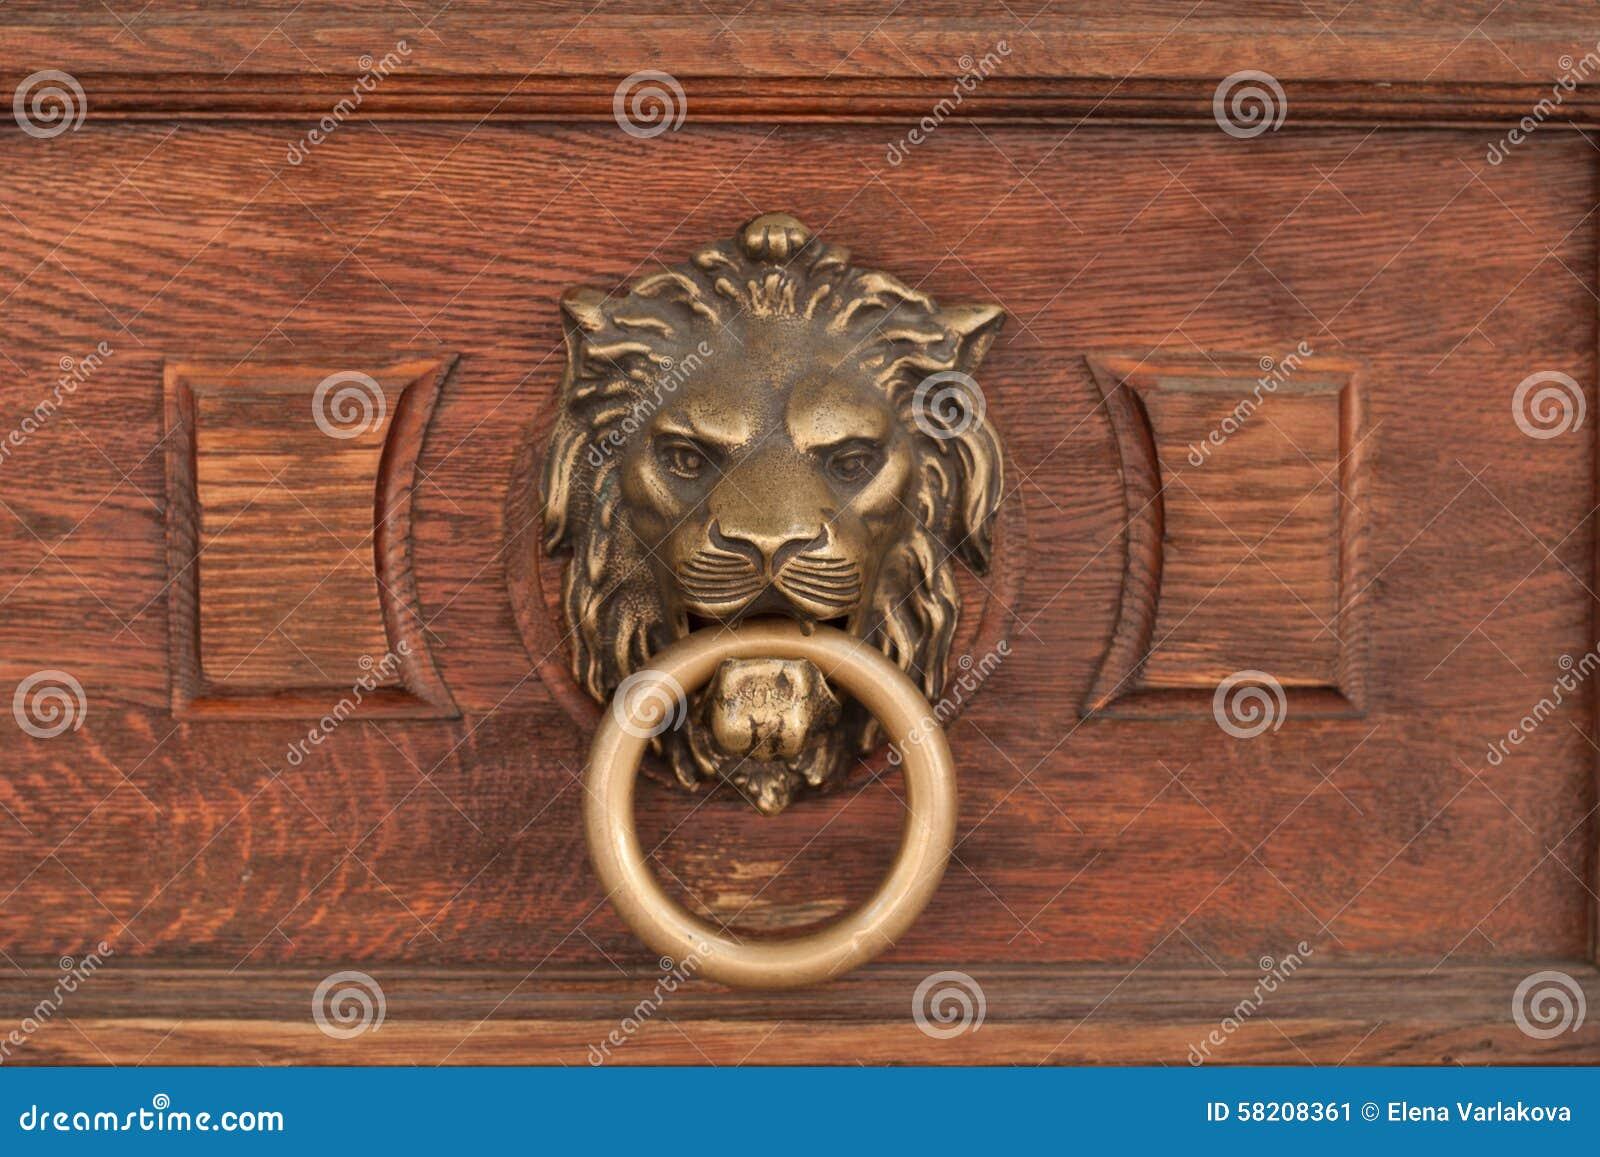 Basrelief de la cabeza de un león con un anillo en su boca